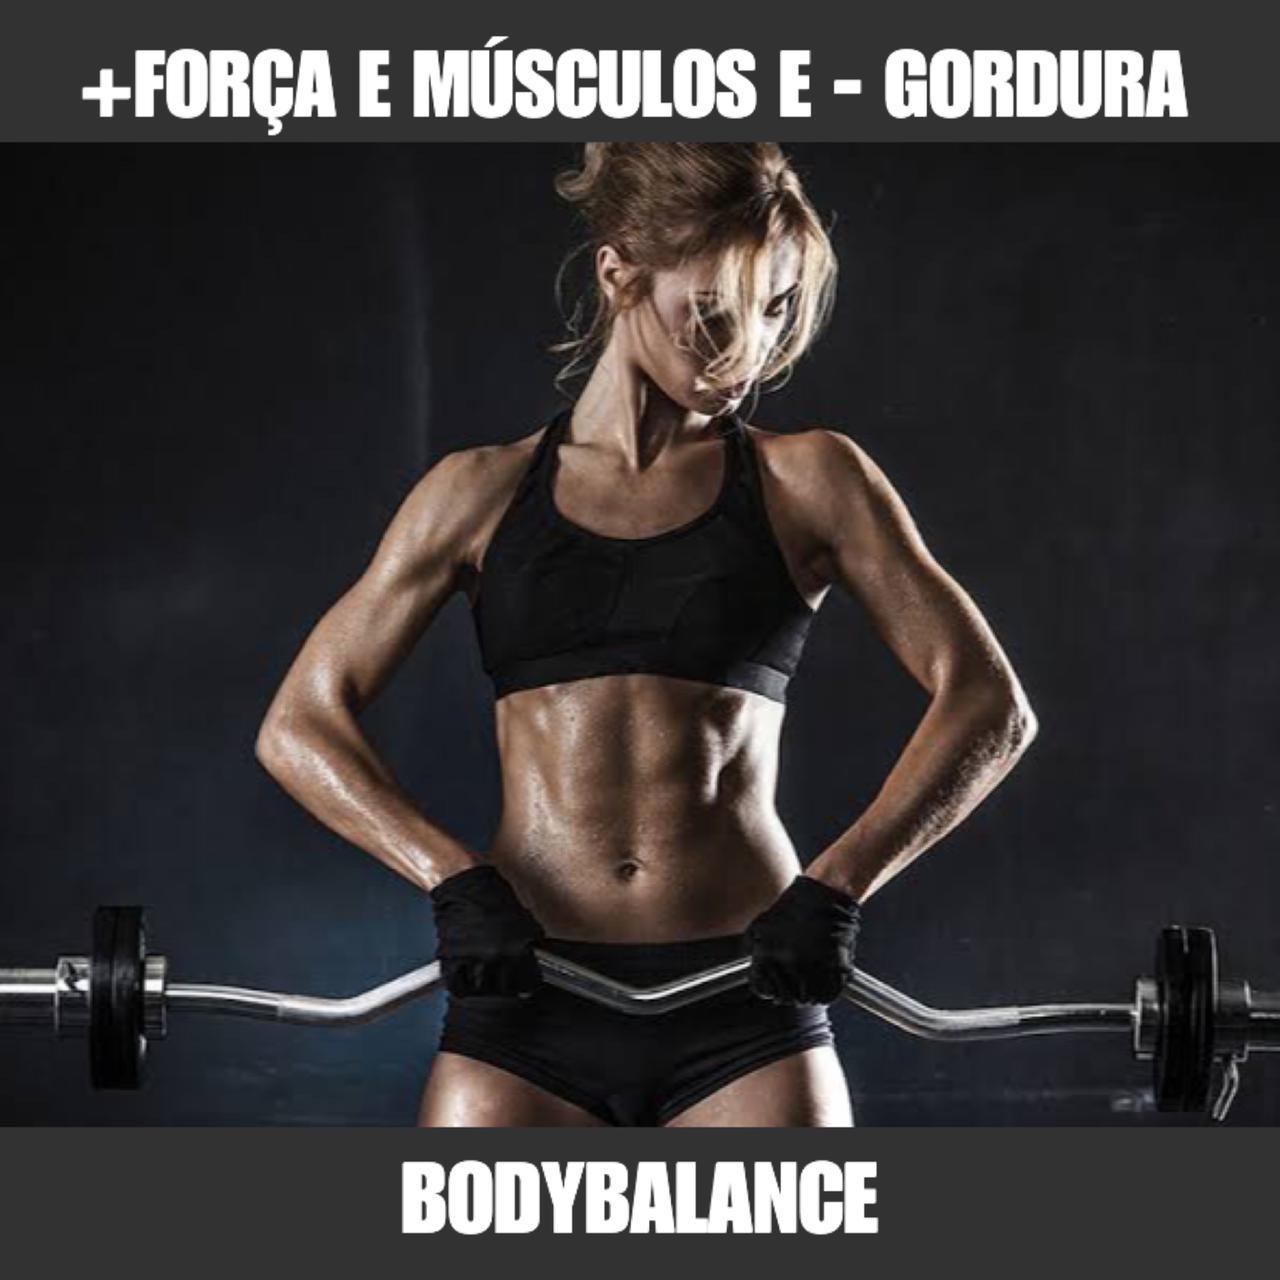 BODY BALANCE - GANHO DE FORÇA E MASSA MUSCULAR